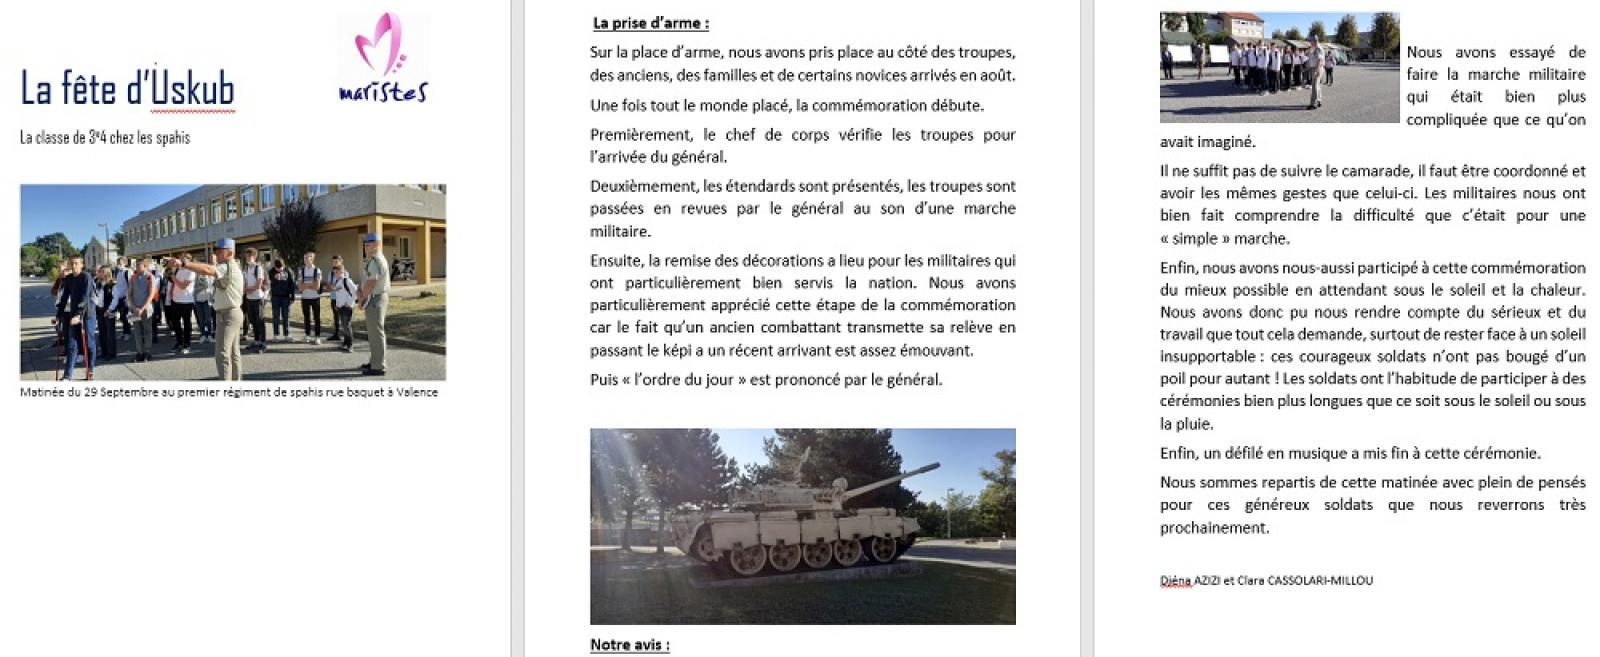 Visuel : Signature de la convention de la classe défense aux spahis